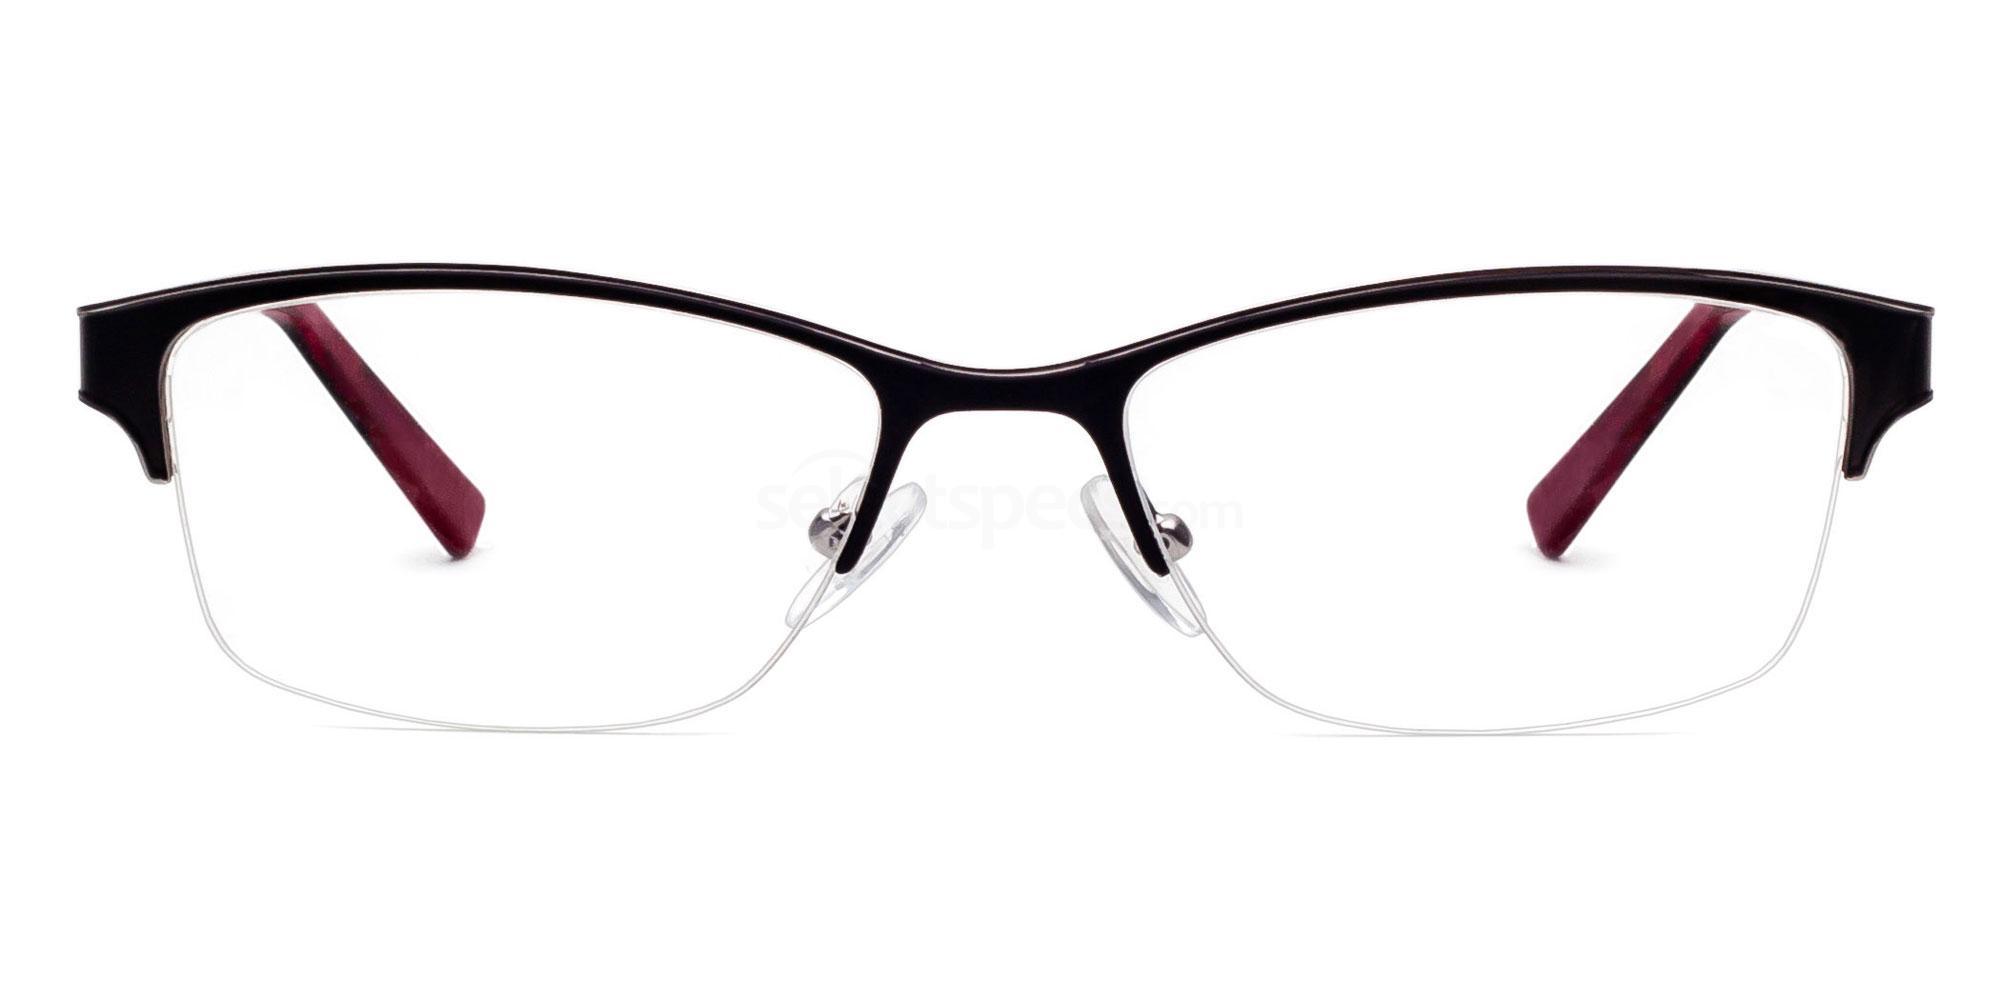 C1 9132 Glasses, SelectSpecs